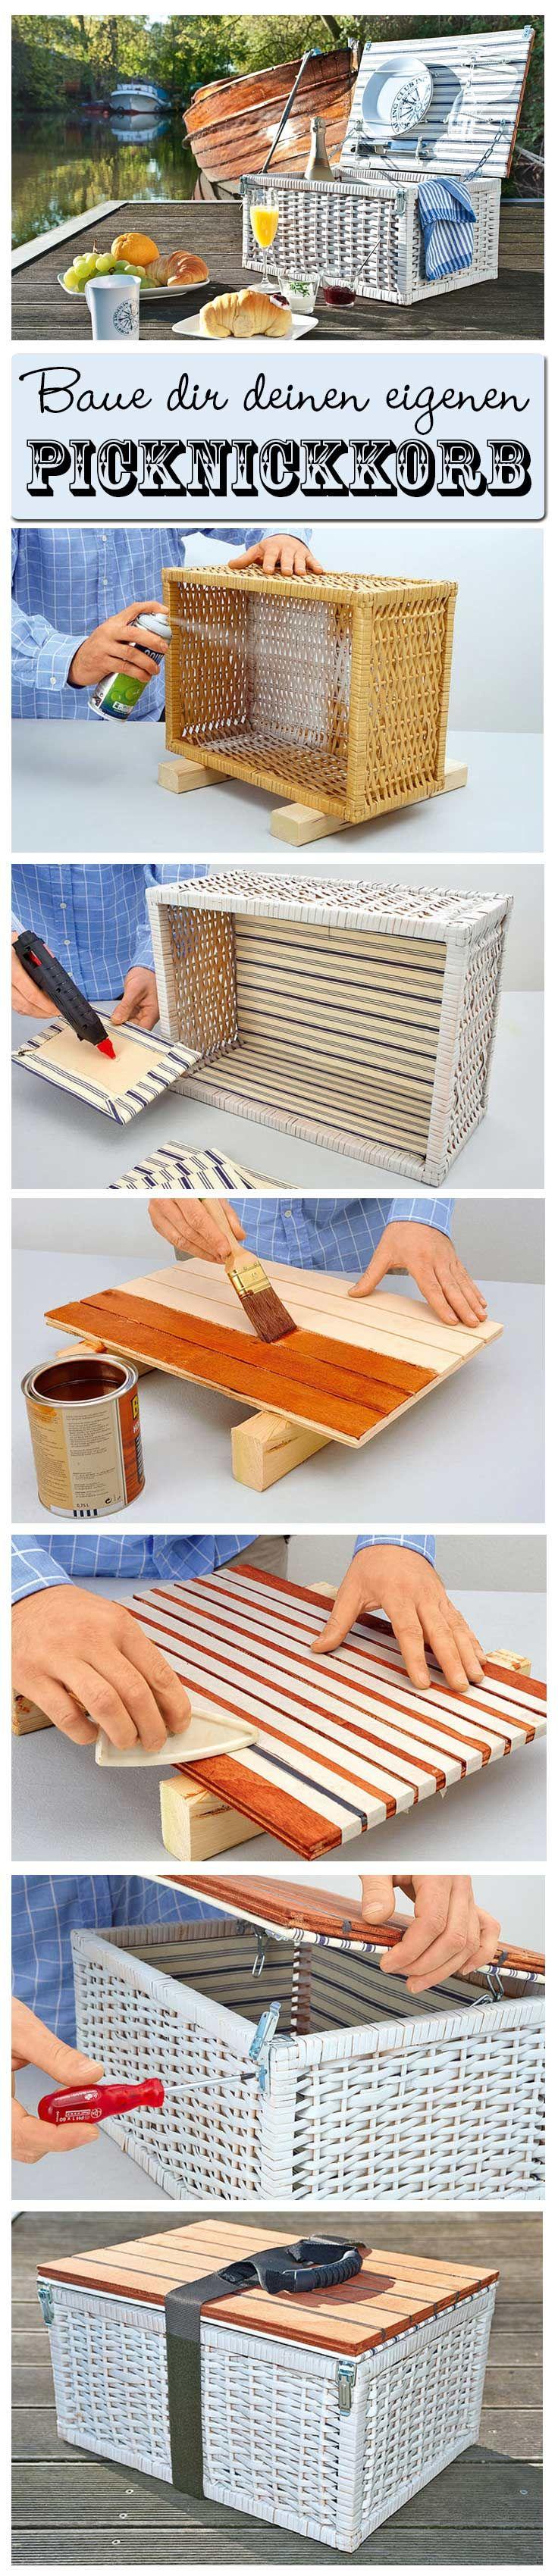 Wieso kaufen, wenn man einen Picknickkorb auch selbst machen kann? Wir zeigen im…